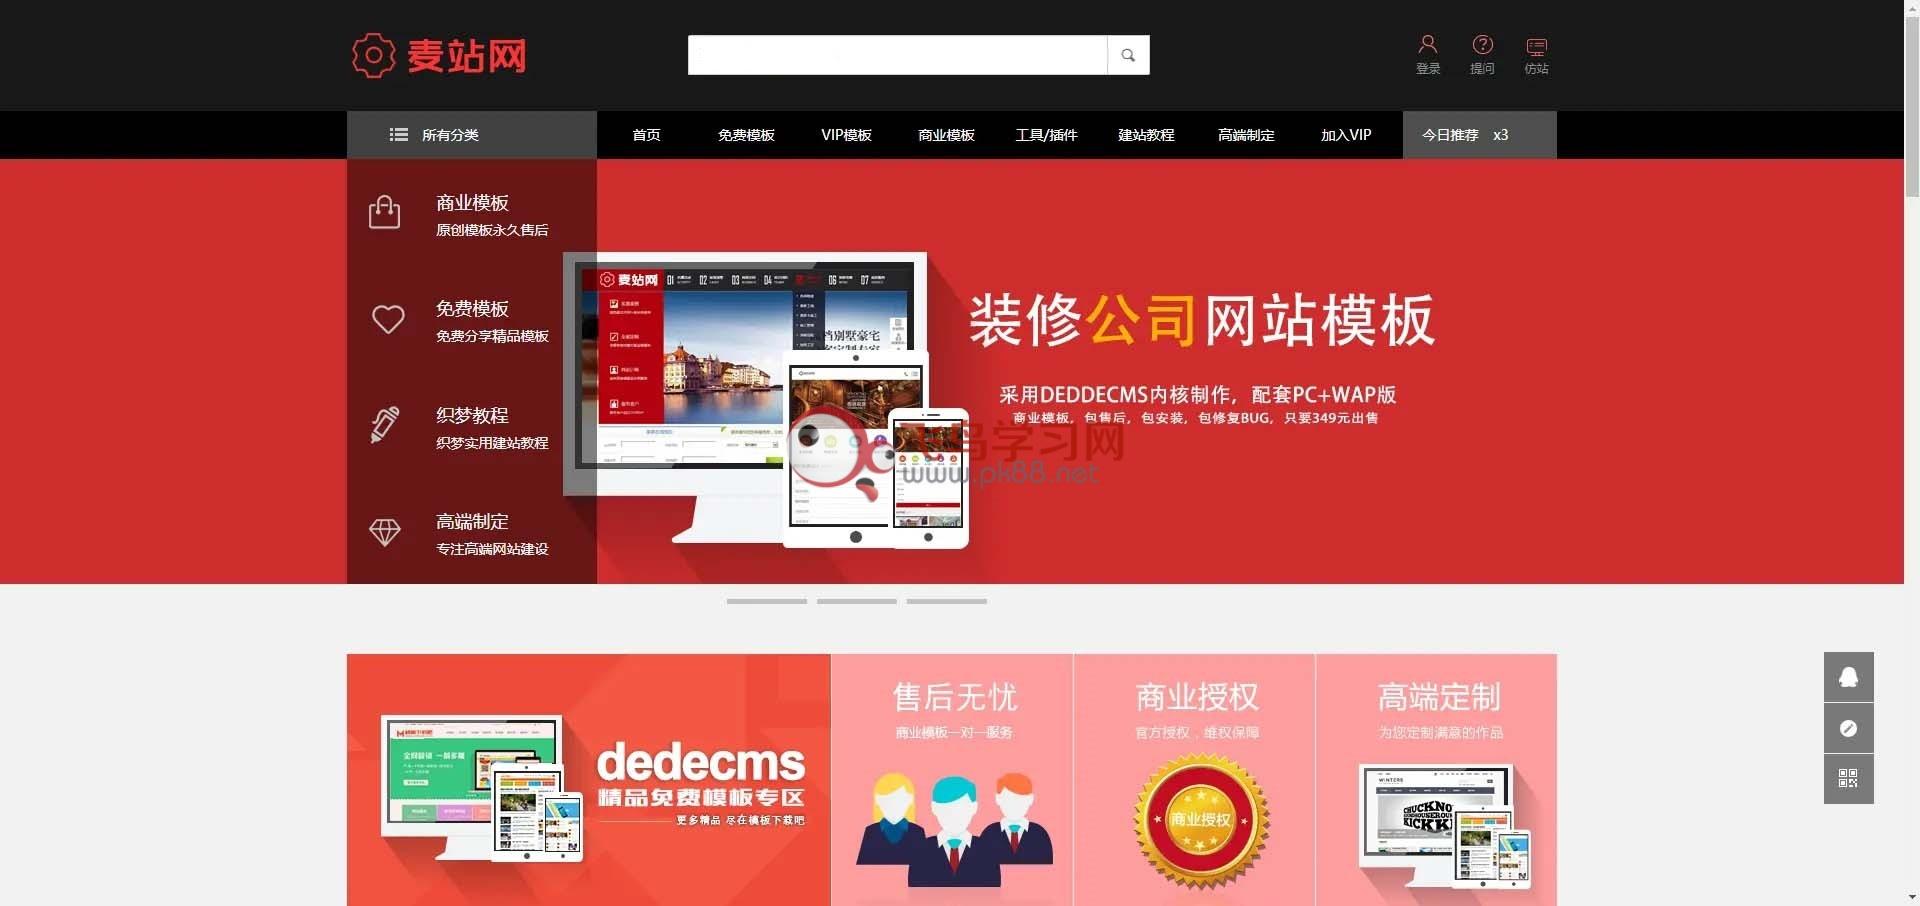 织梦dedecms资源网站源码打包下载